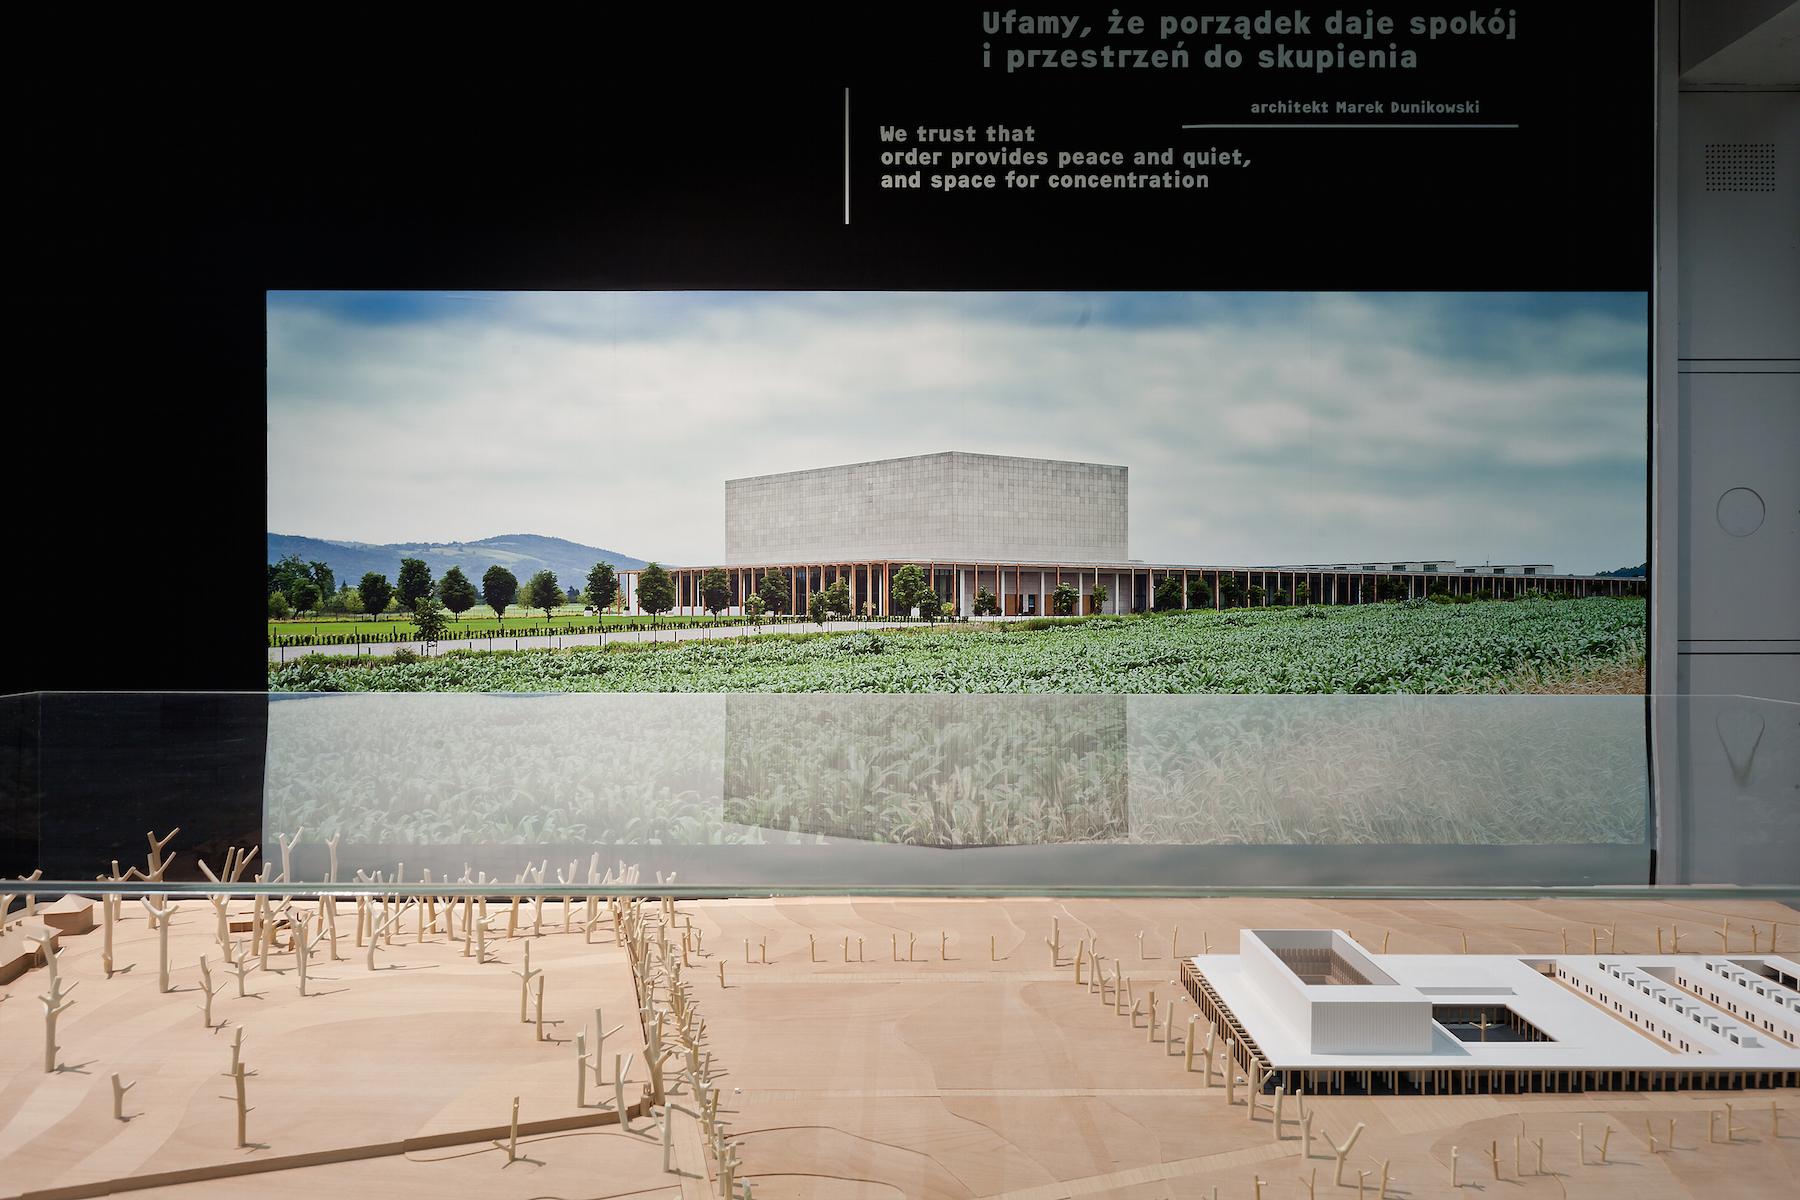 """Kolekcja """"Architektury-murator"""" dla Muzeum Sztuki Nowoczesnej, widok wystawy, fot. B. Stawiarski, dzięki uprzejmości MSN (źródło: materiały prasowe organizatora)"""